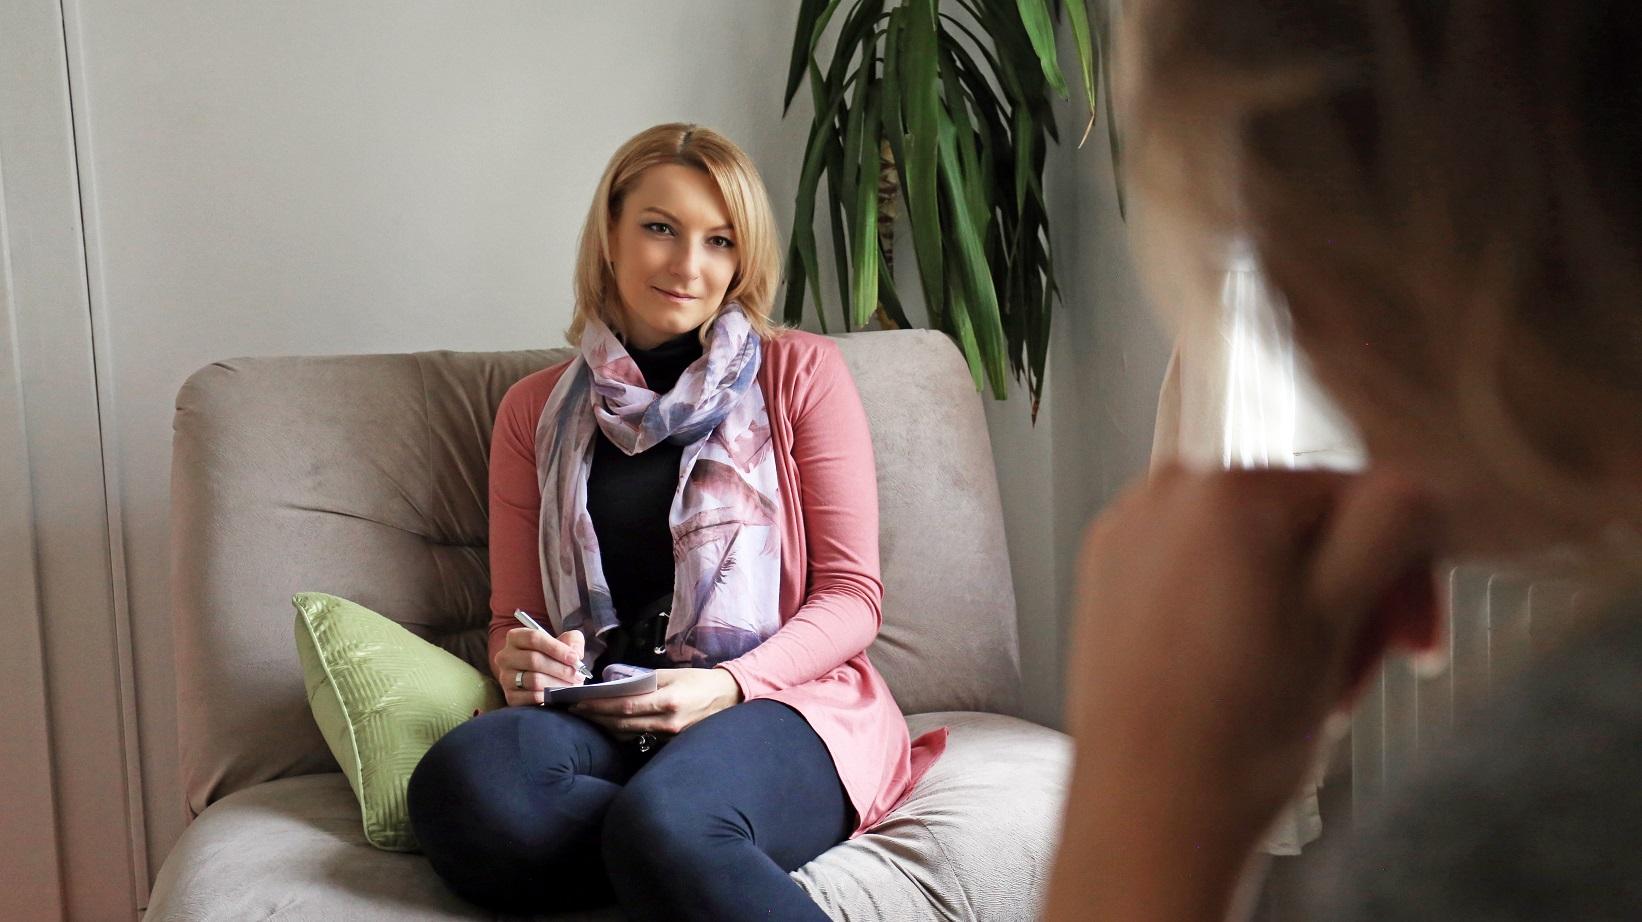 Kdaj po pomoč k psihoterapevtu?